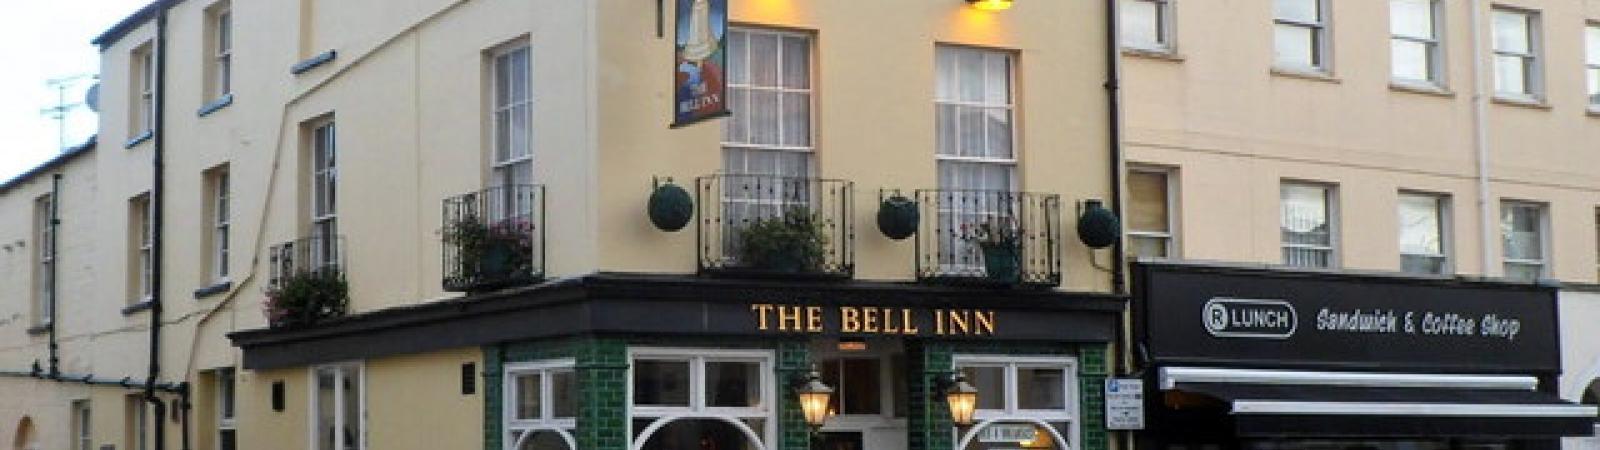 BELL INN on Cheltenham Night Out | Promoting Cheltenham's nightlife for a great night out in Cheltenham.